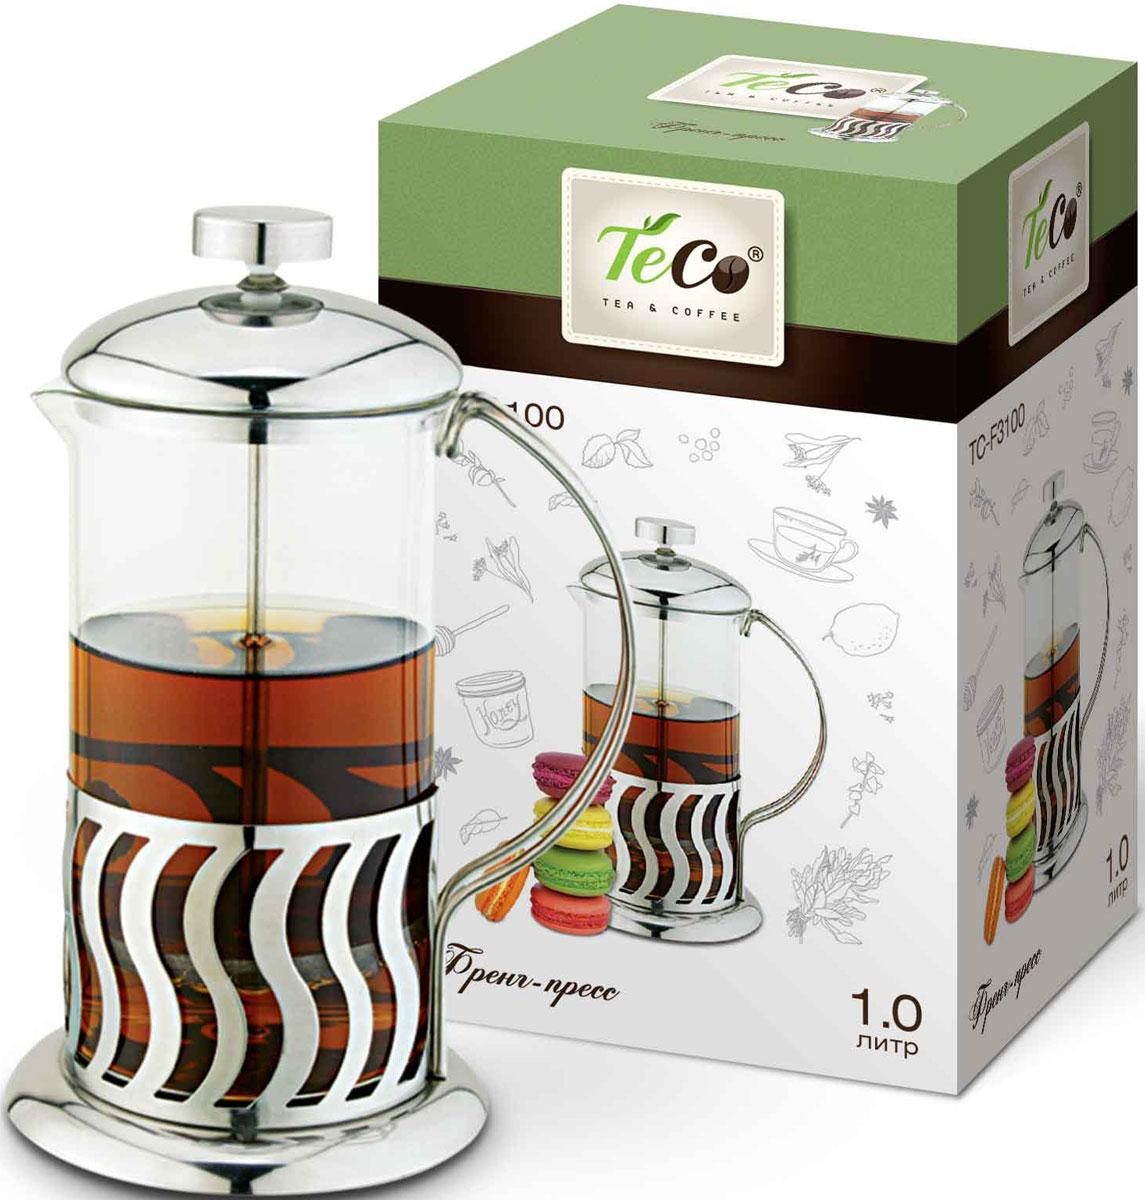 Френч-пресс Teco, цвет: серебристый, 1 л. TС-F3100 френч пресс teco tс f3035 0 35л металл стекло серебристый прозрачный